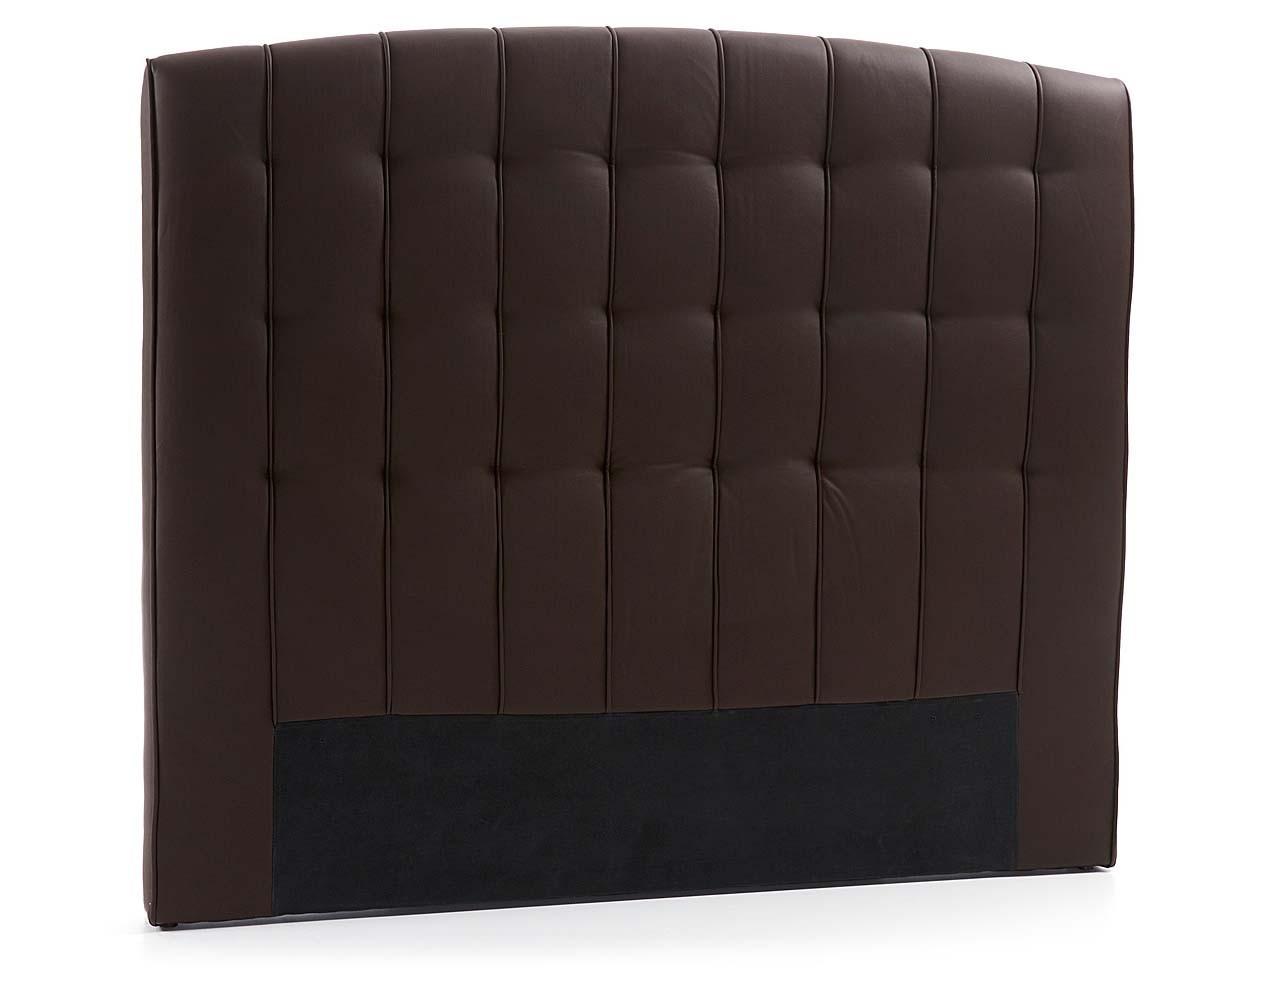 En piel sintética chocolate para cama de 160 cm.